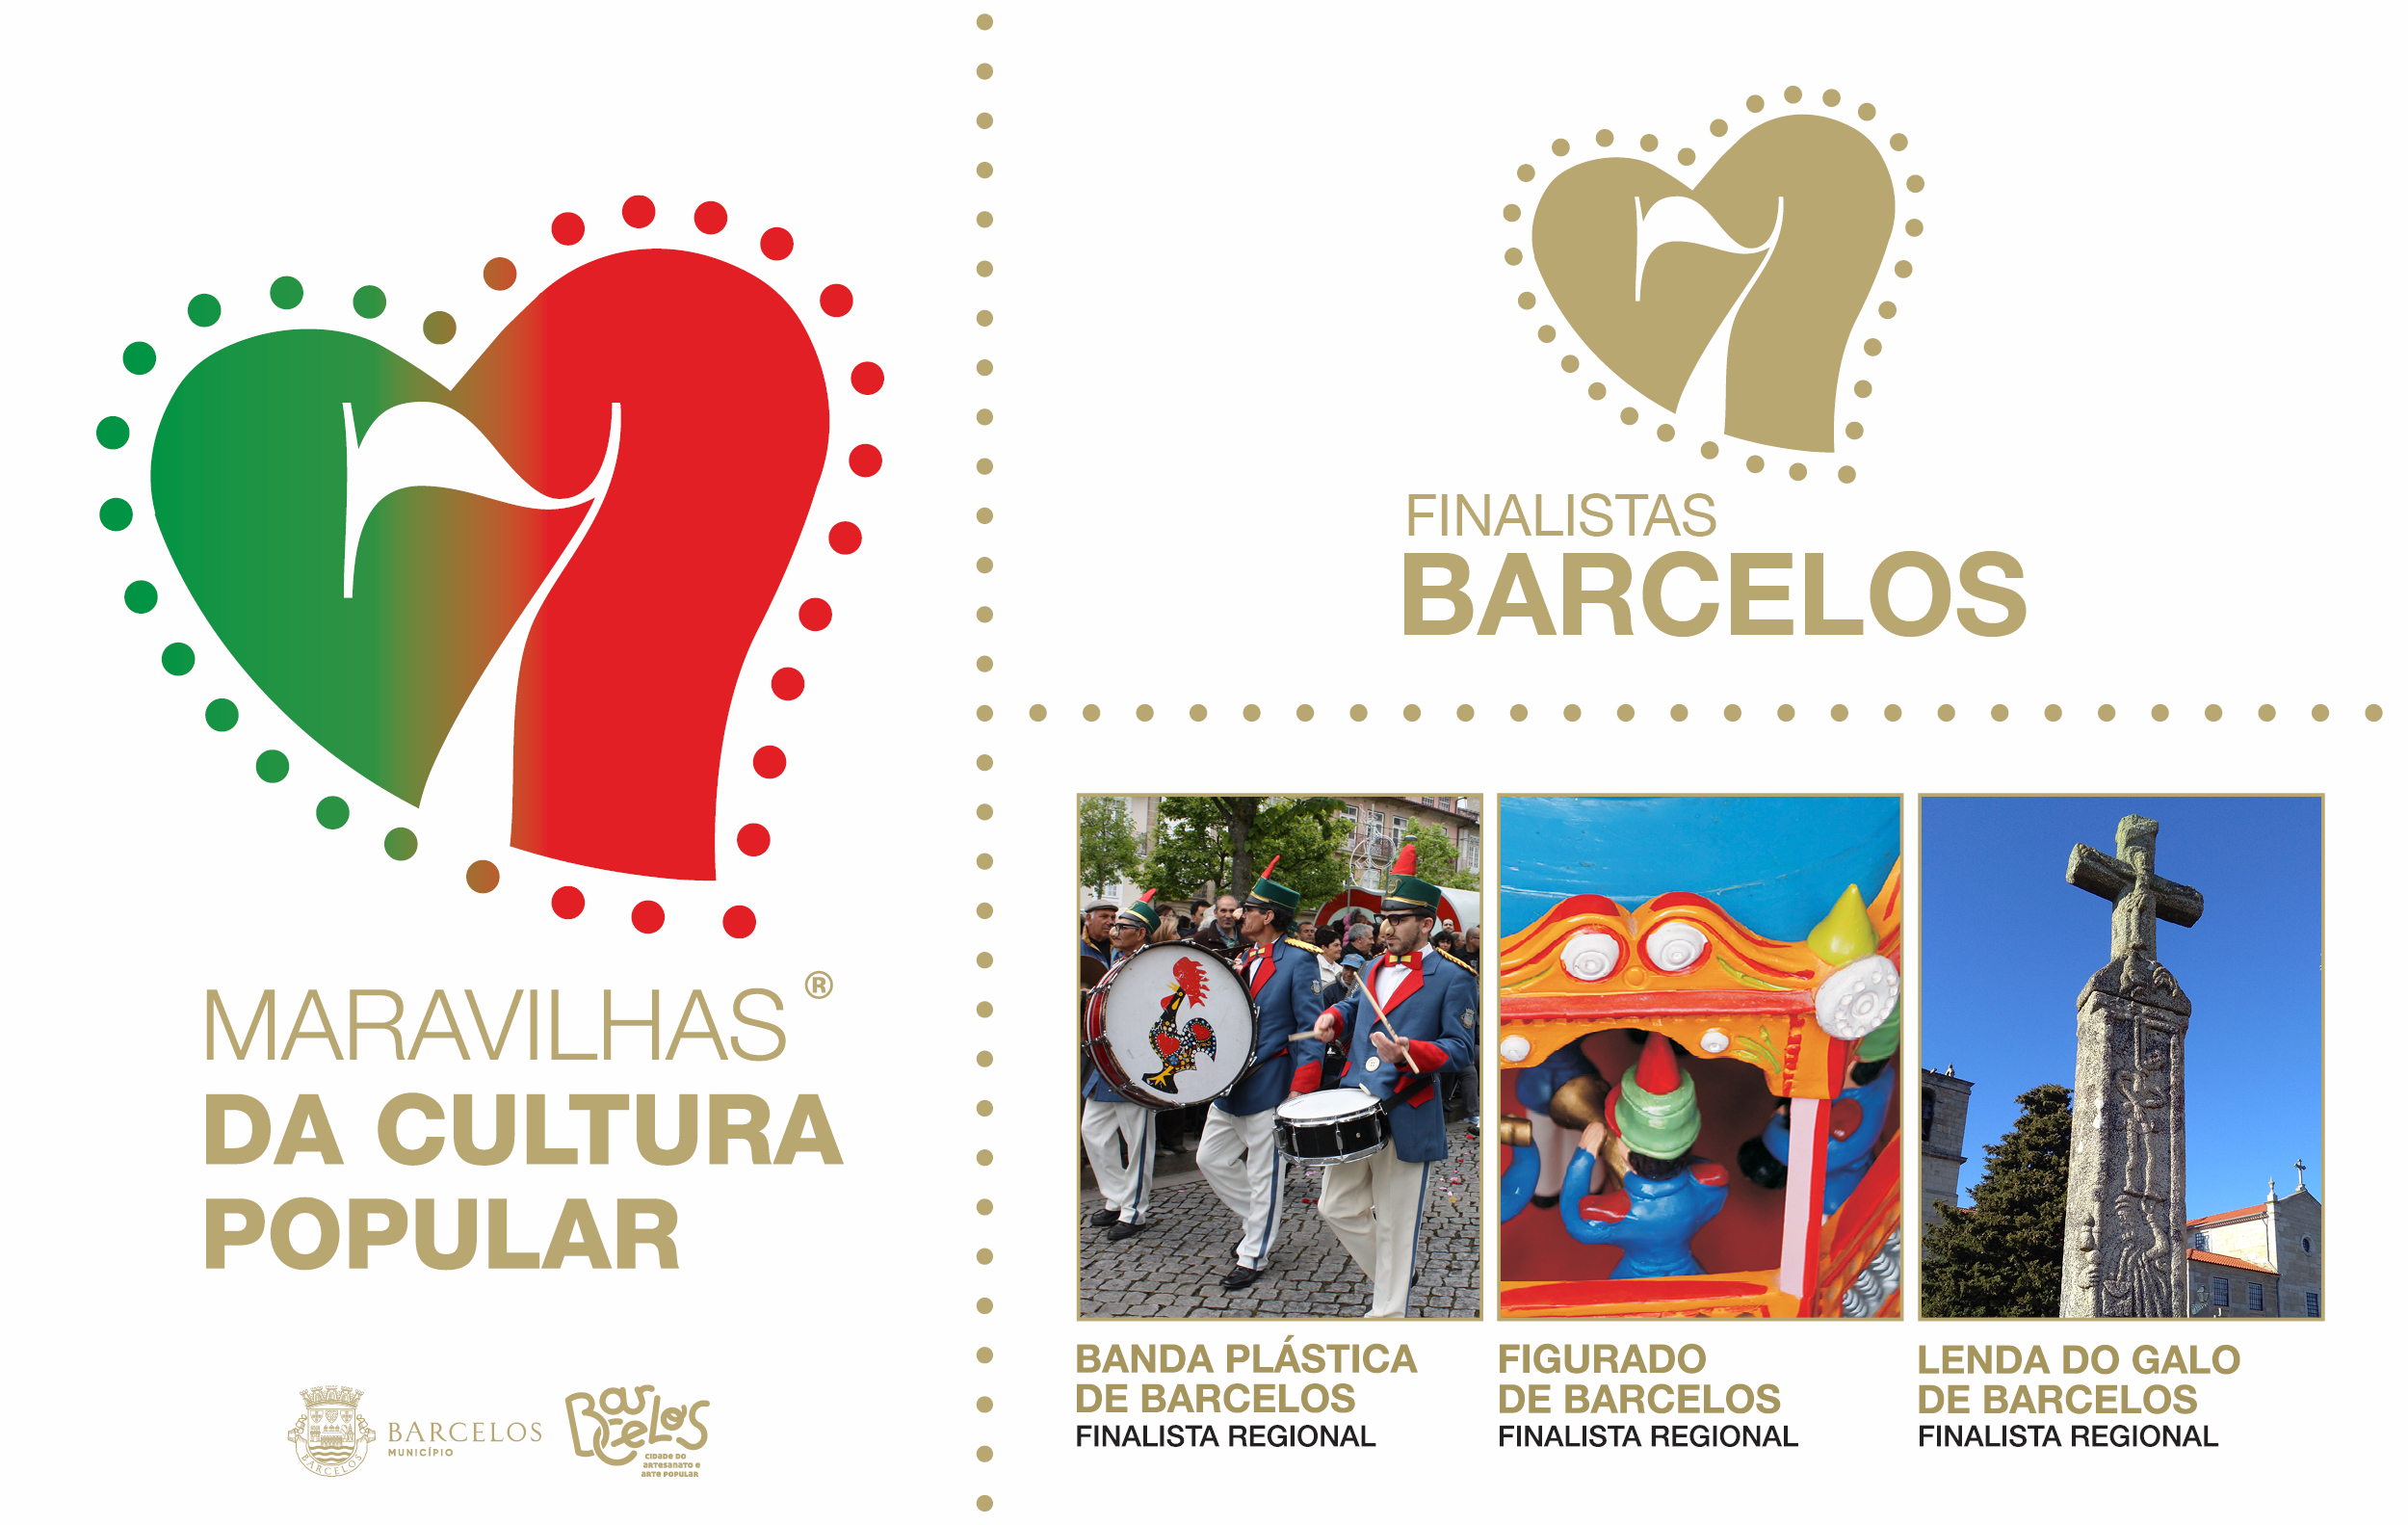 Município de Barcelos finalista em três categorias às 7 Maravilhas da Cultura Popular